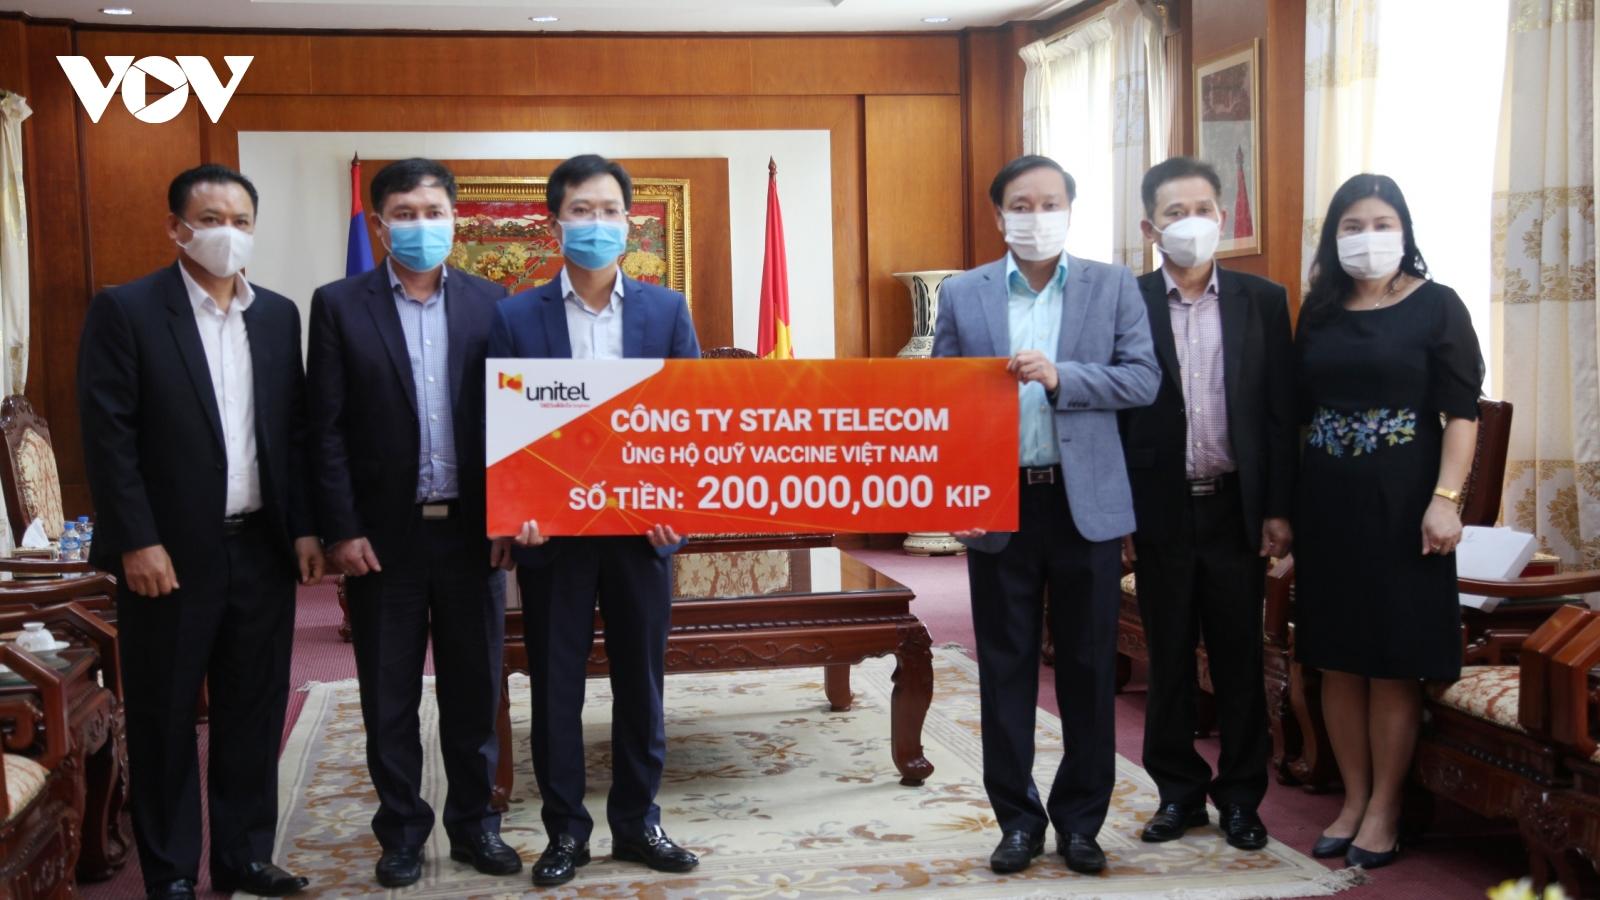 Lào ủng hộ 300 triệu kip hỗ trợ Việt Nam chống dịch Covid-19